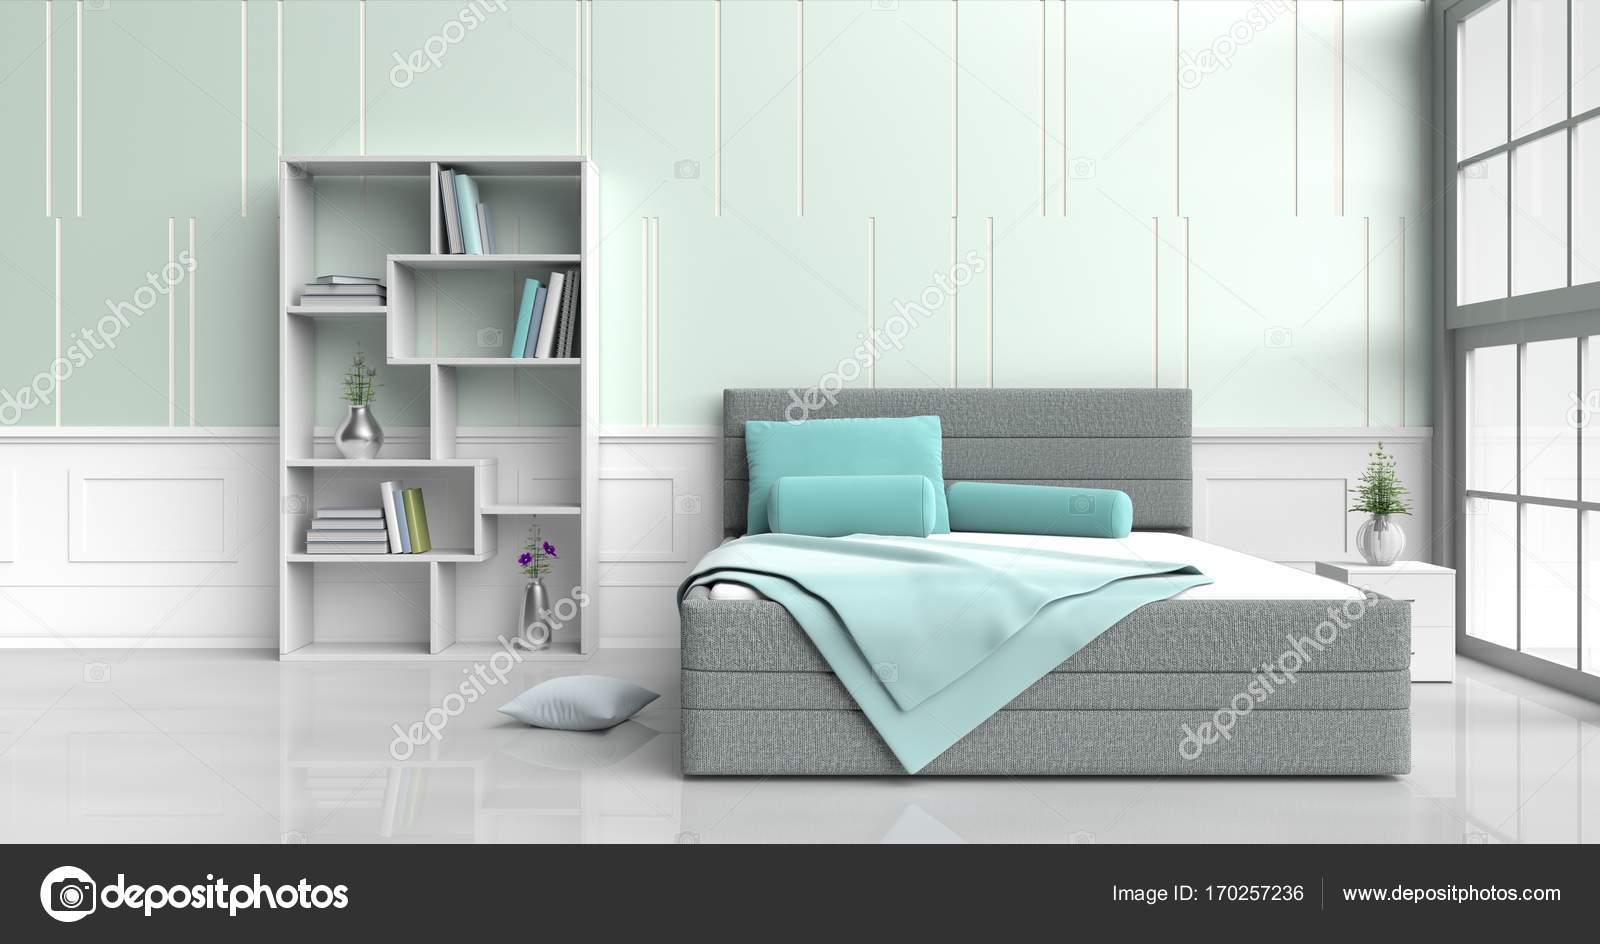 Slaapkamer Groen Wit : Wit groen slaapkamer ingericht met boom in glazen vaas groene